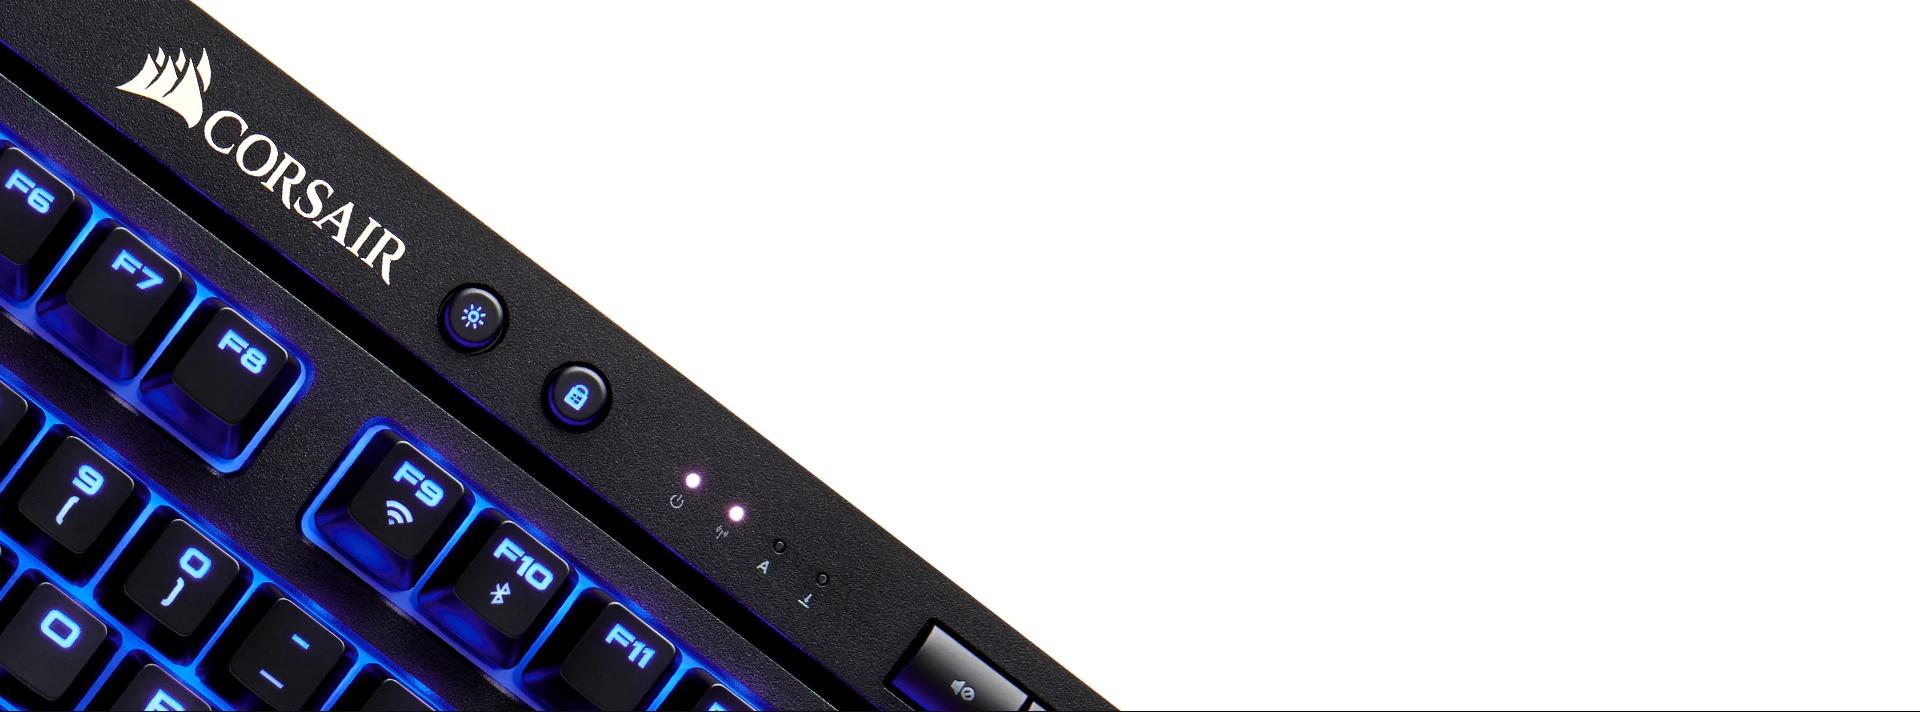 Bàn phím cơ Corsair K63 Wireless - Cherry MX Red (USB/Blue Led) (CH-9145030-NA) có phím nóng khoá nút windows